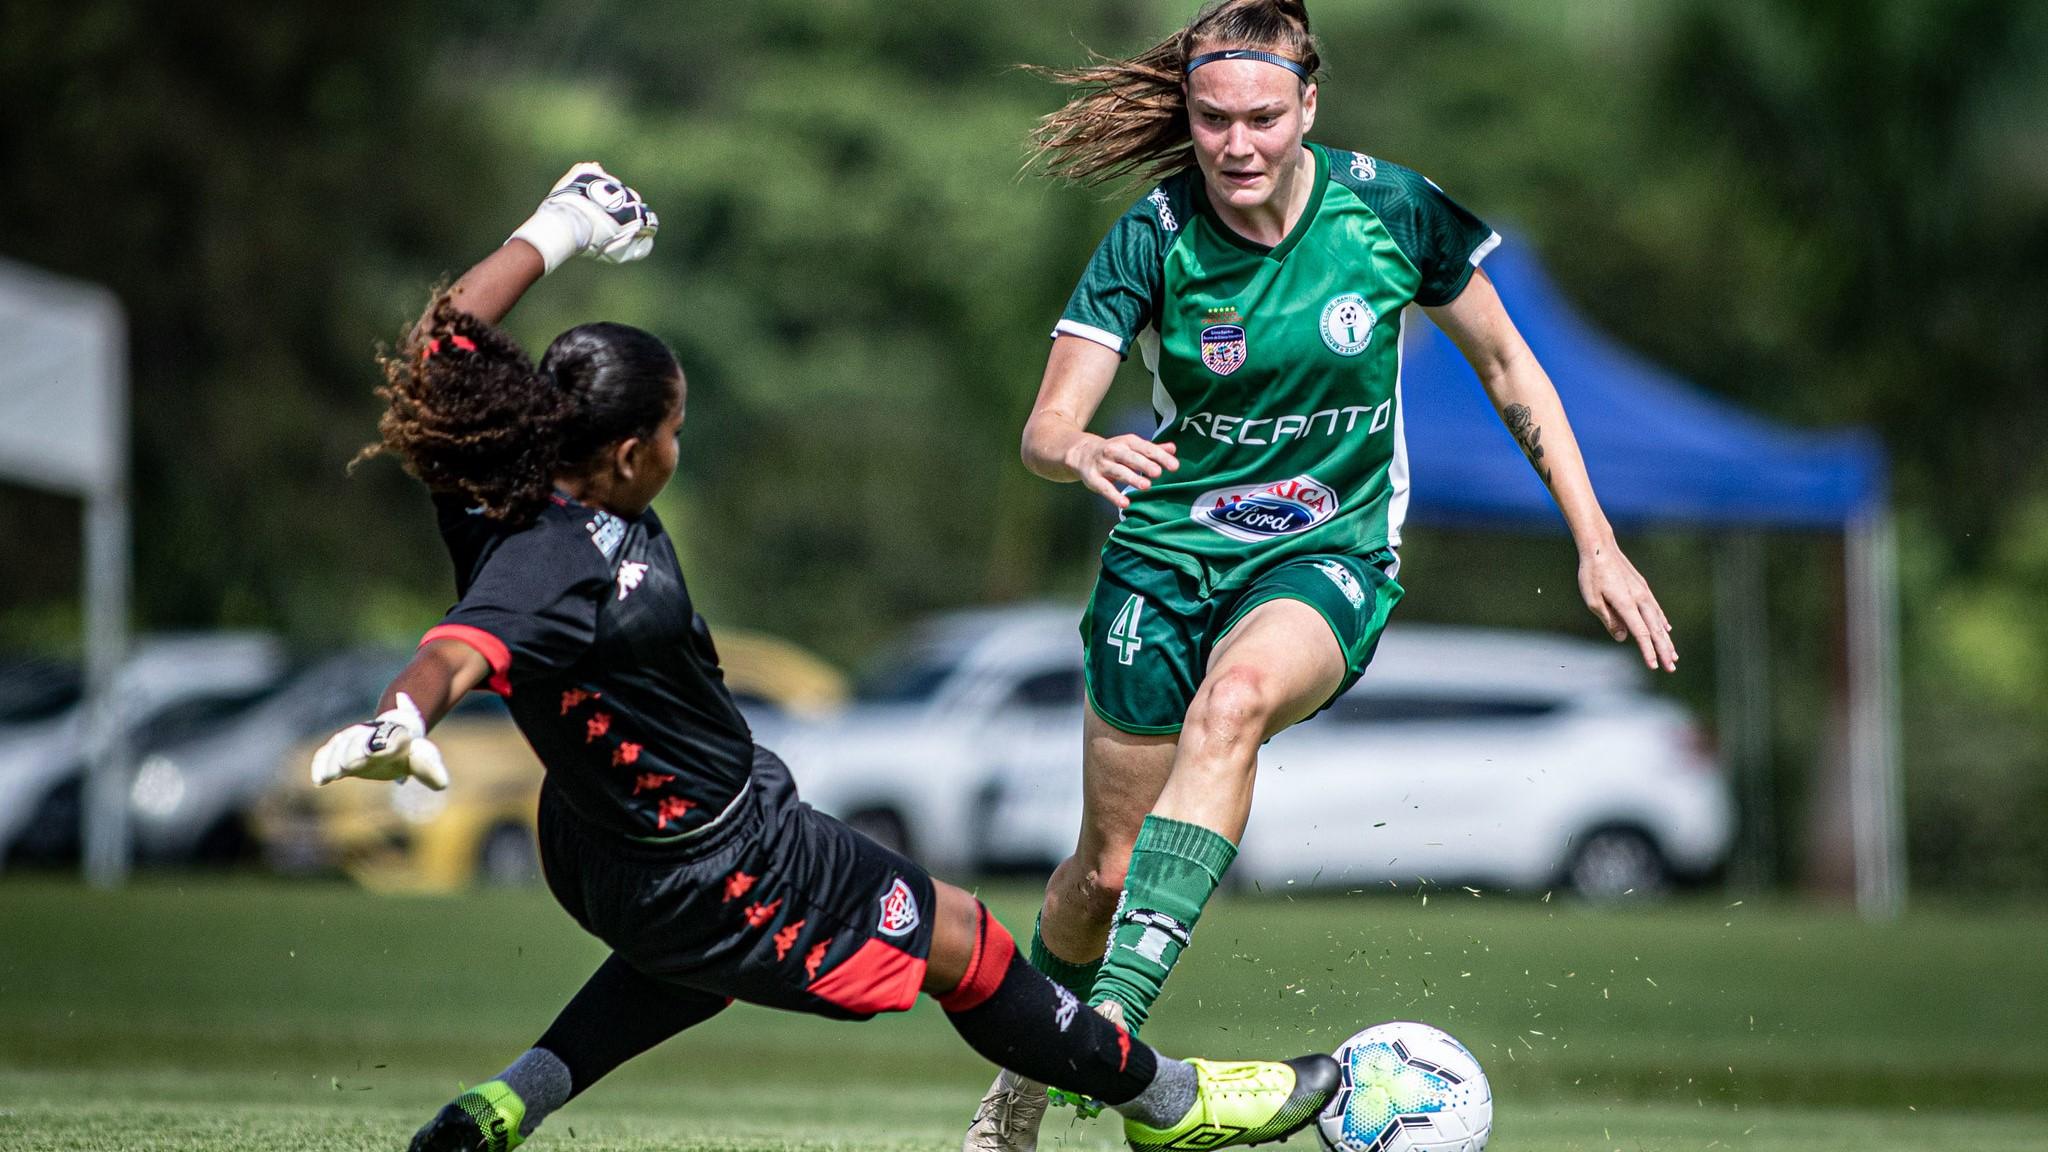 Iranduba bate Vitória, mas fica fora da próxima fase do Brasileirão Feminino Sub-16